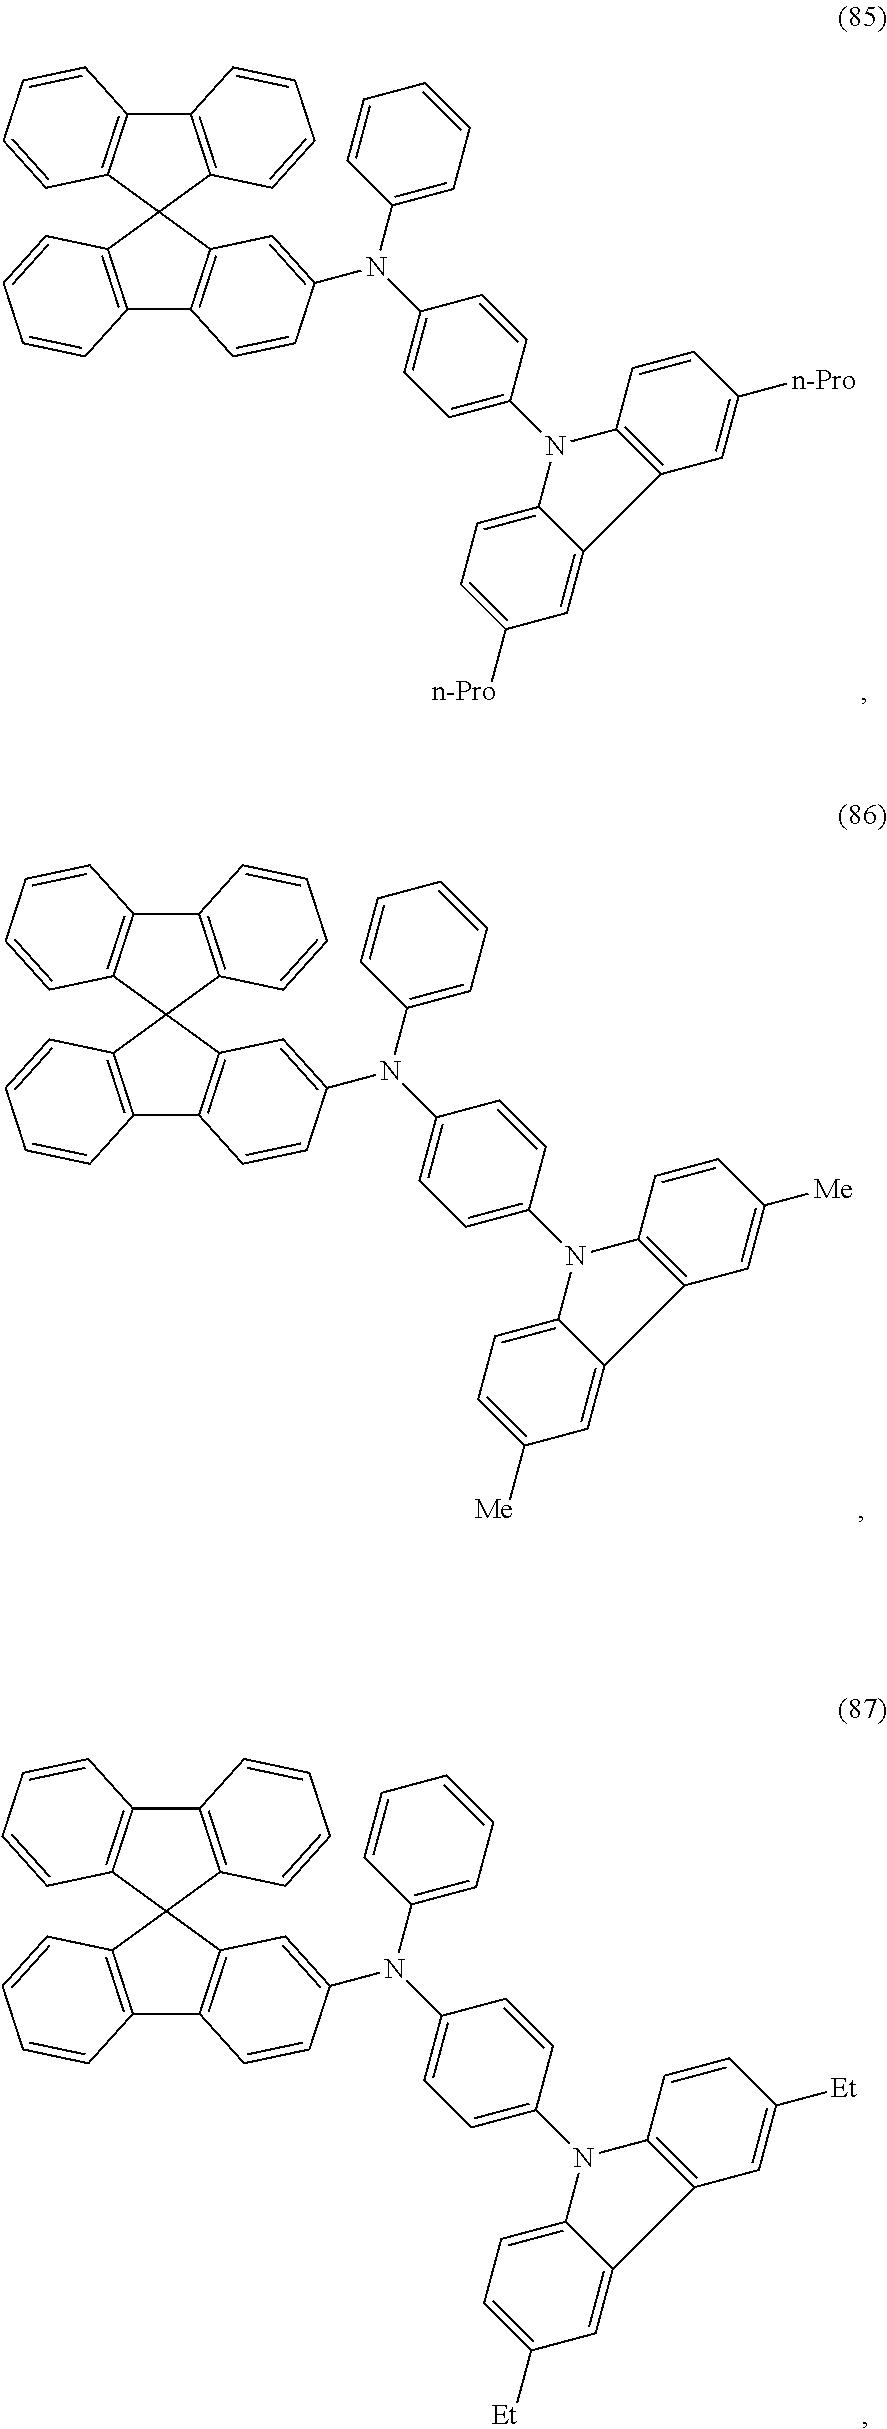 Figure US09548457-20170117-C00066